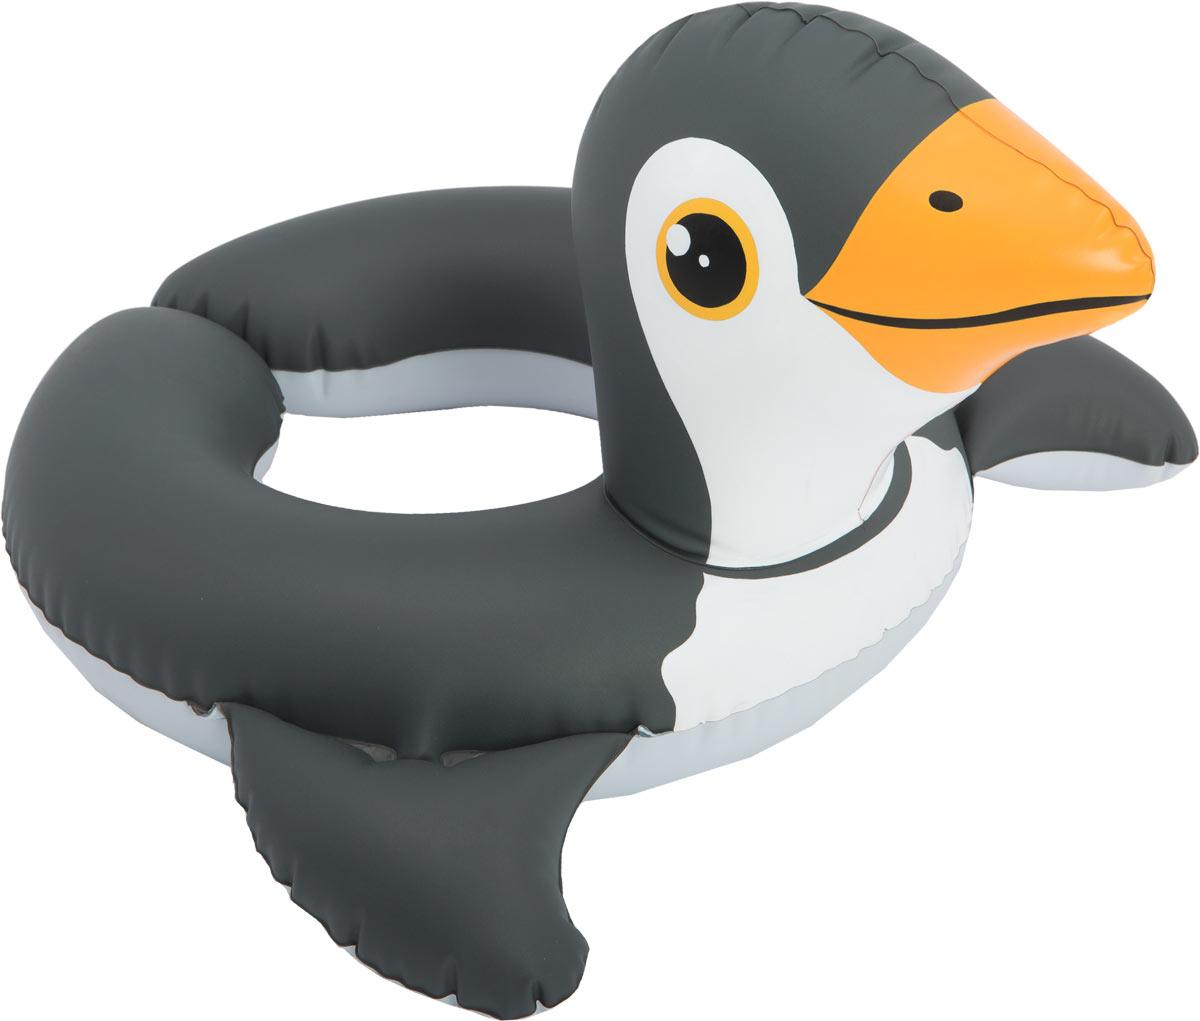 Intex Надувной круг Пингвин 64 см х 64см надувной плот intex пингвин с держателями 114 х 94 см с58151